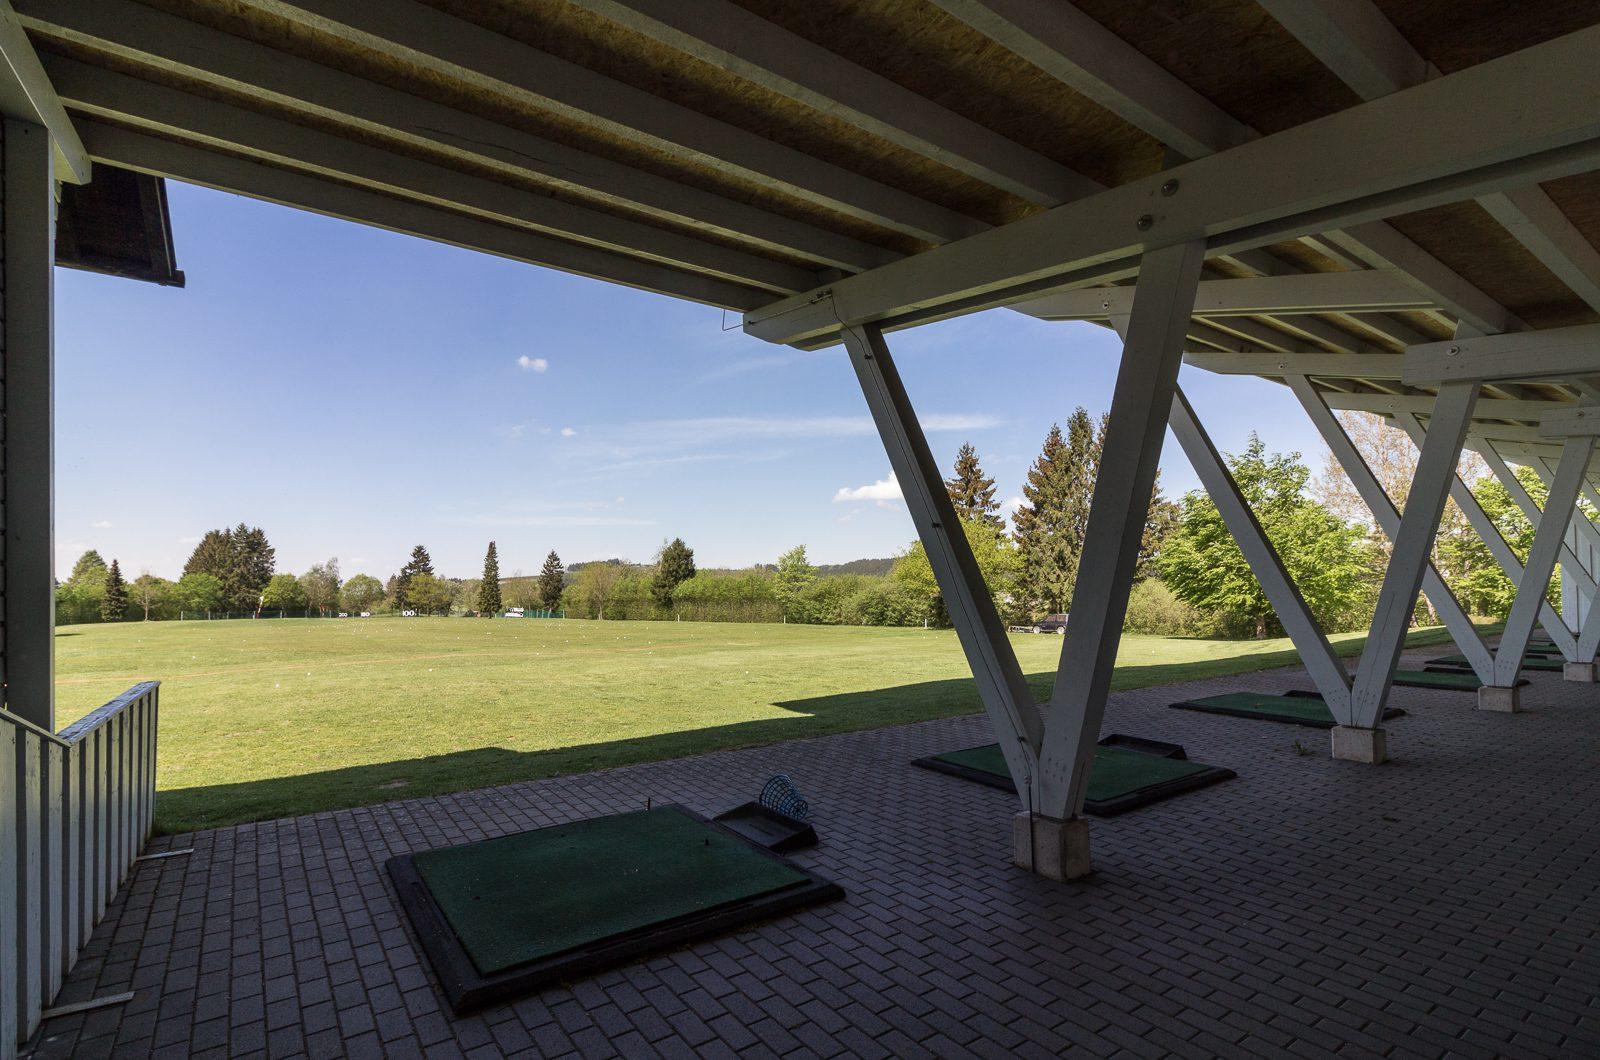 hotel_deimann_golfclub_schmallenberg-3975